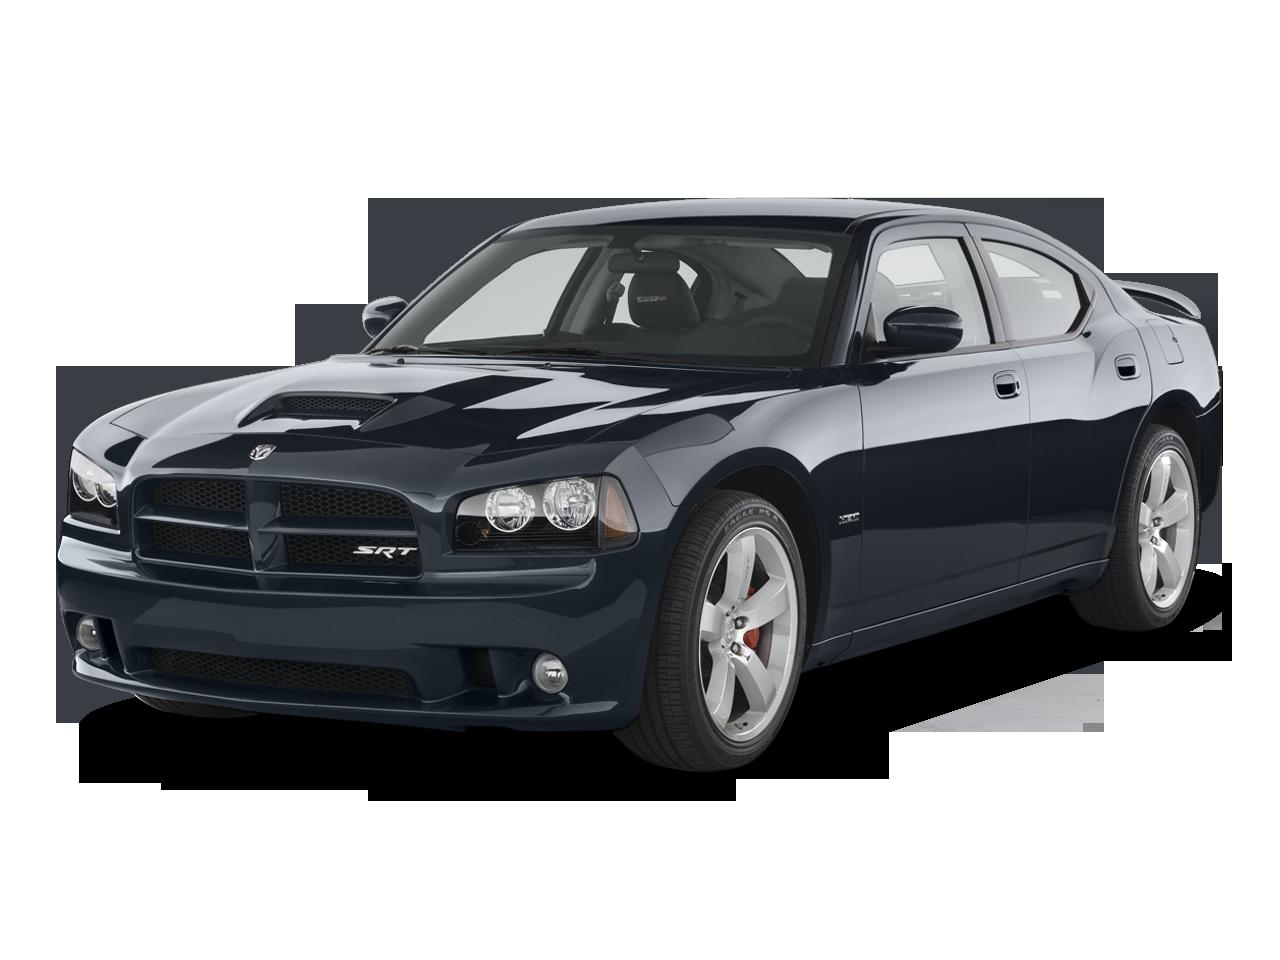 2010 dodge charger srt8 sedan angular front - 2010 Dodge Charger Srt8